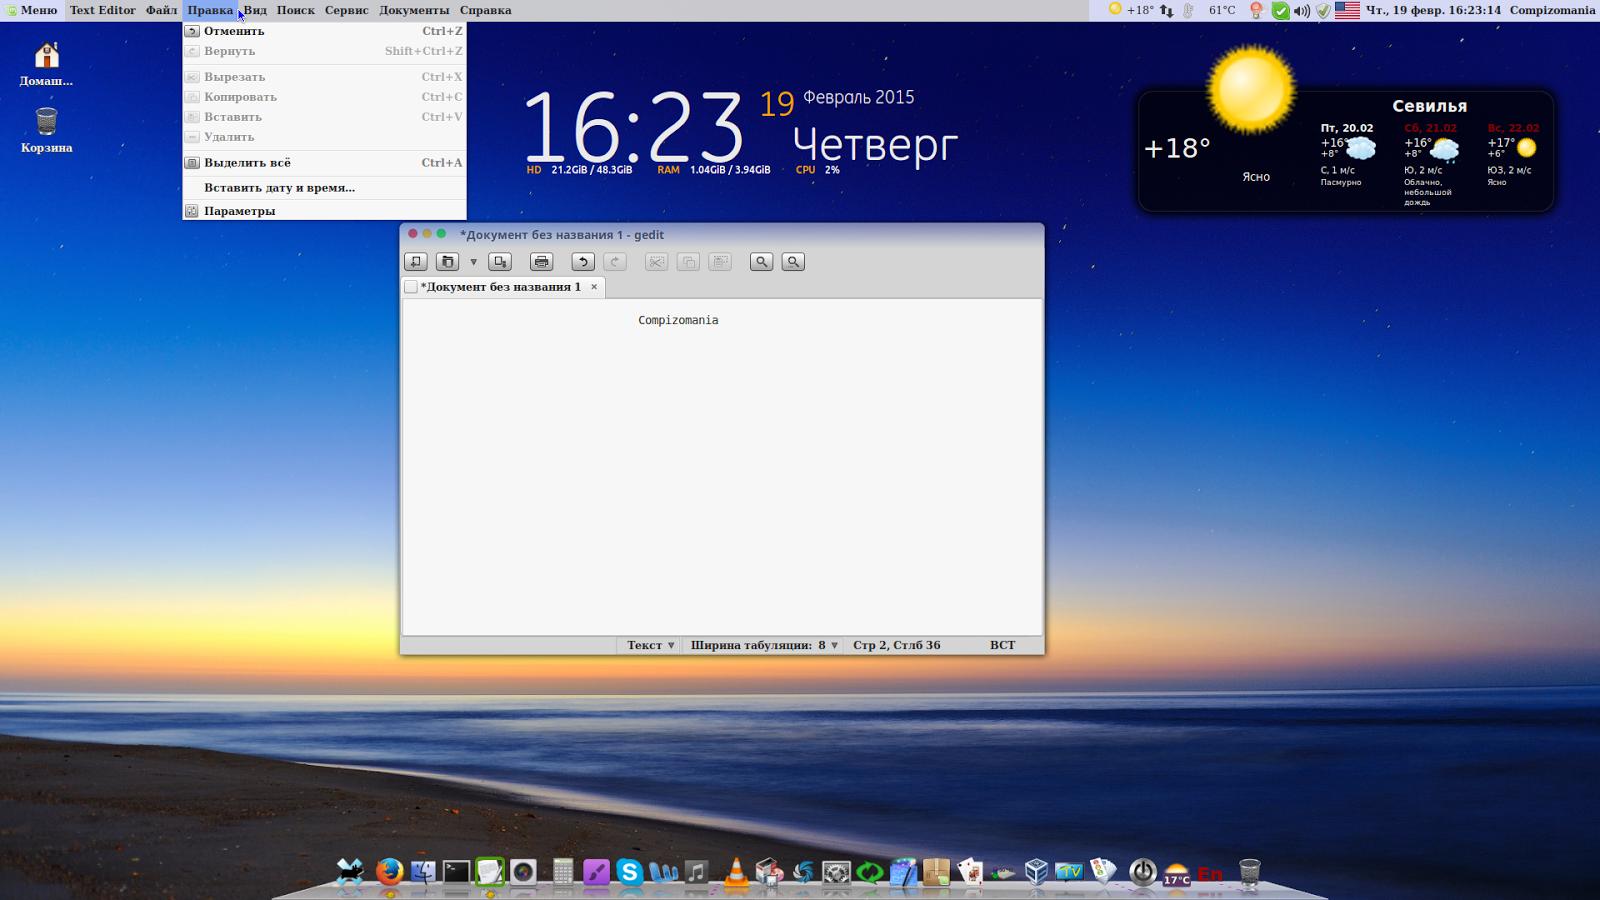 Глобальное меню приложений в Xubuntu и Linux Mint (Xfce